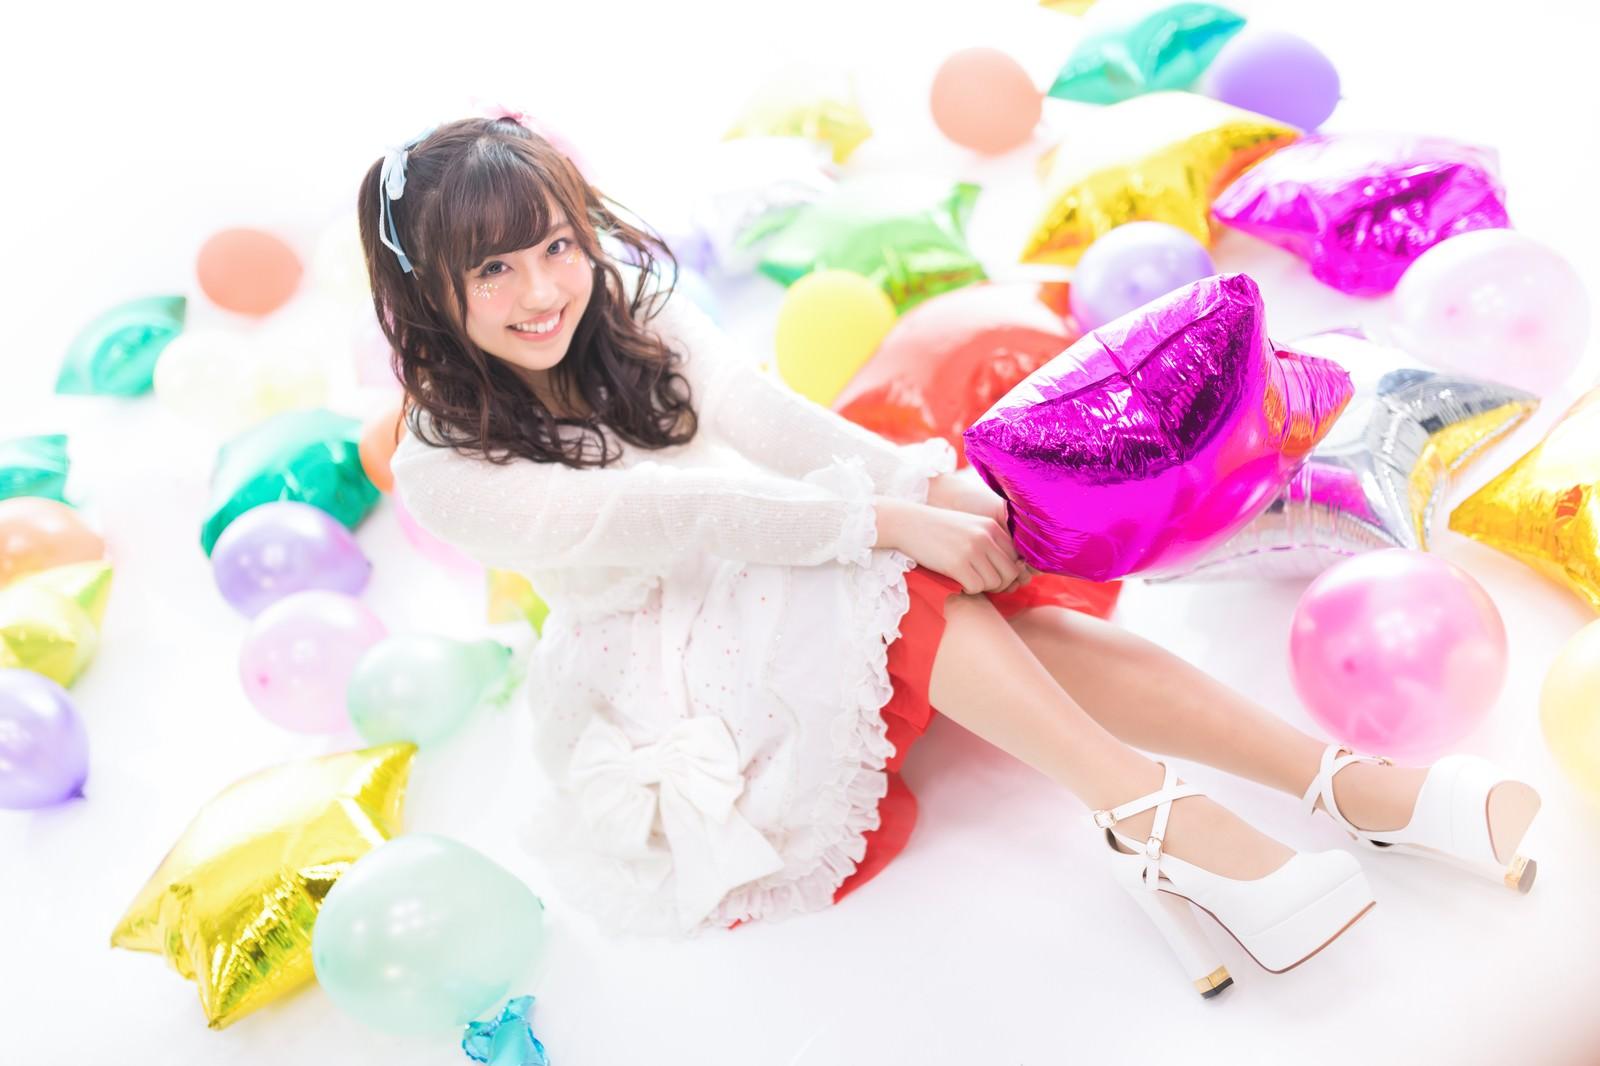 「カラフルな風船に囲まれる女性アイドル」の写真[モデル:河村友歌]